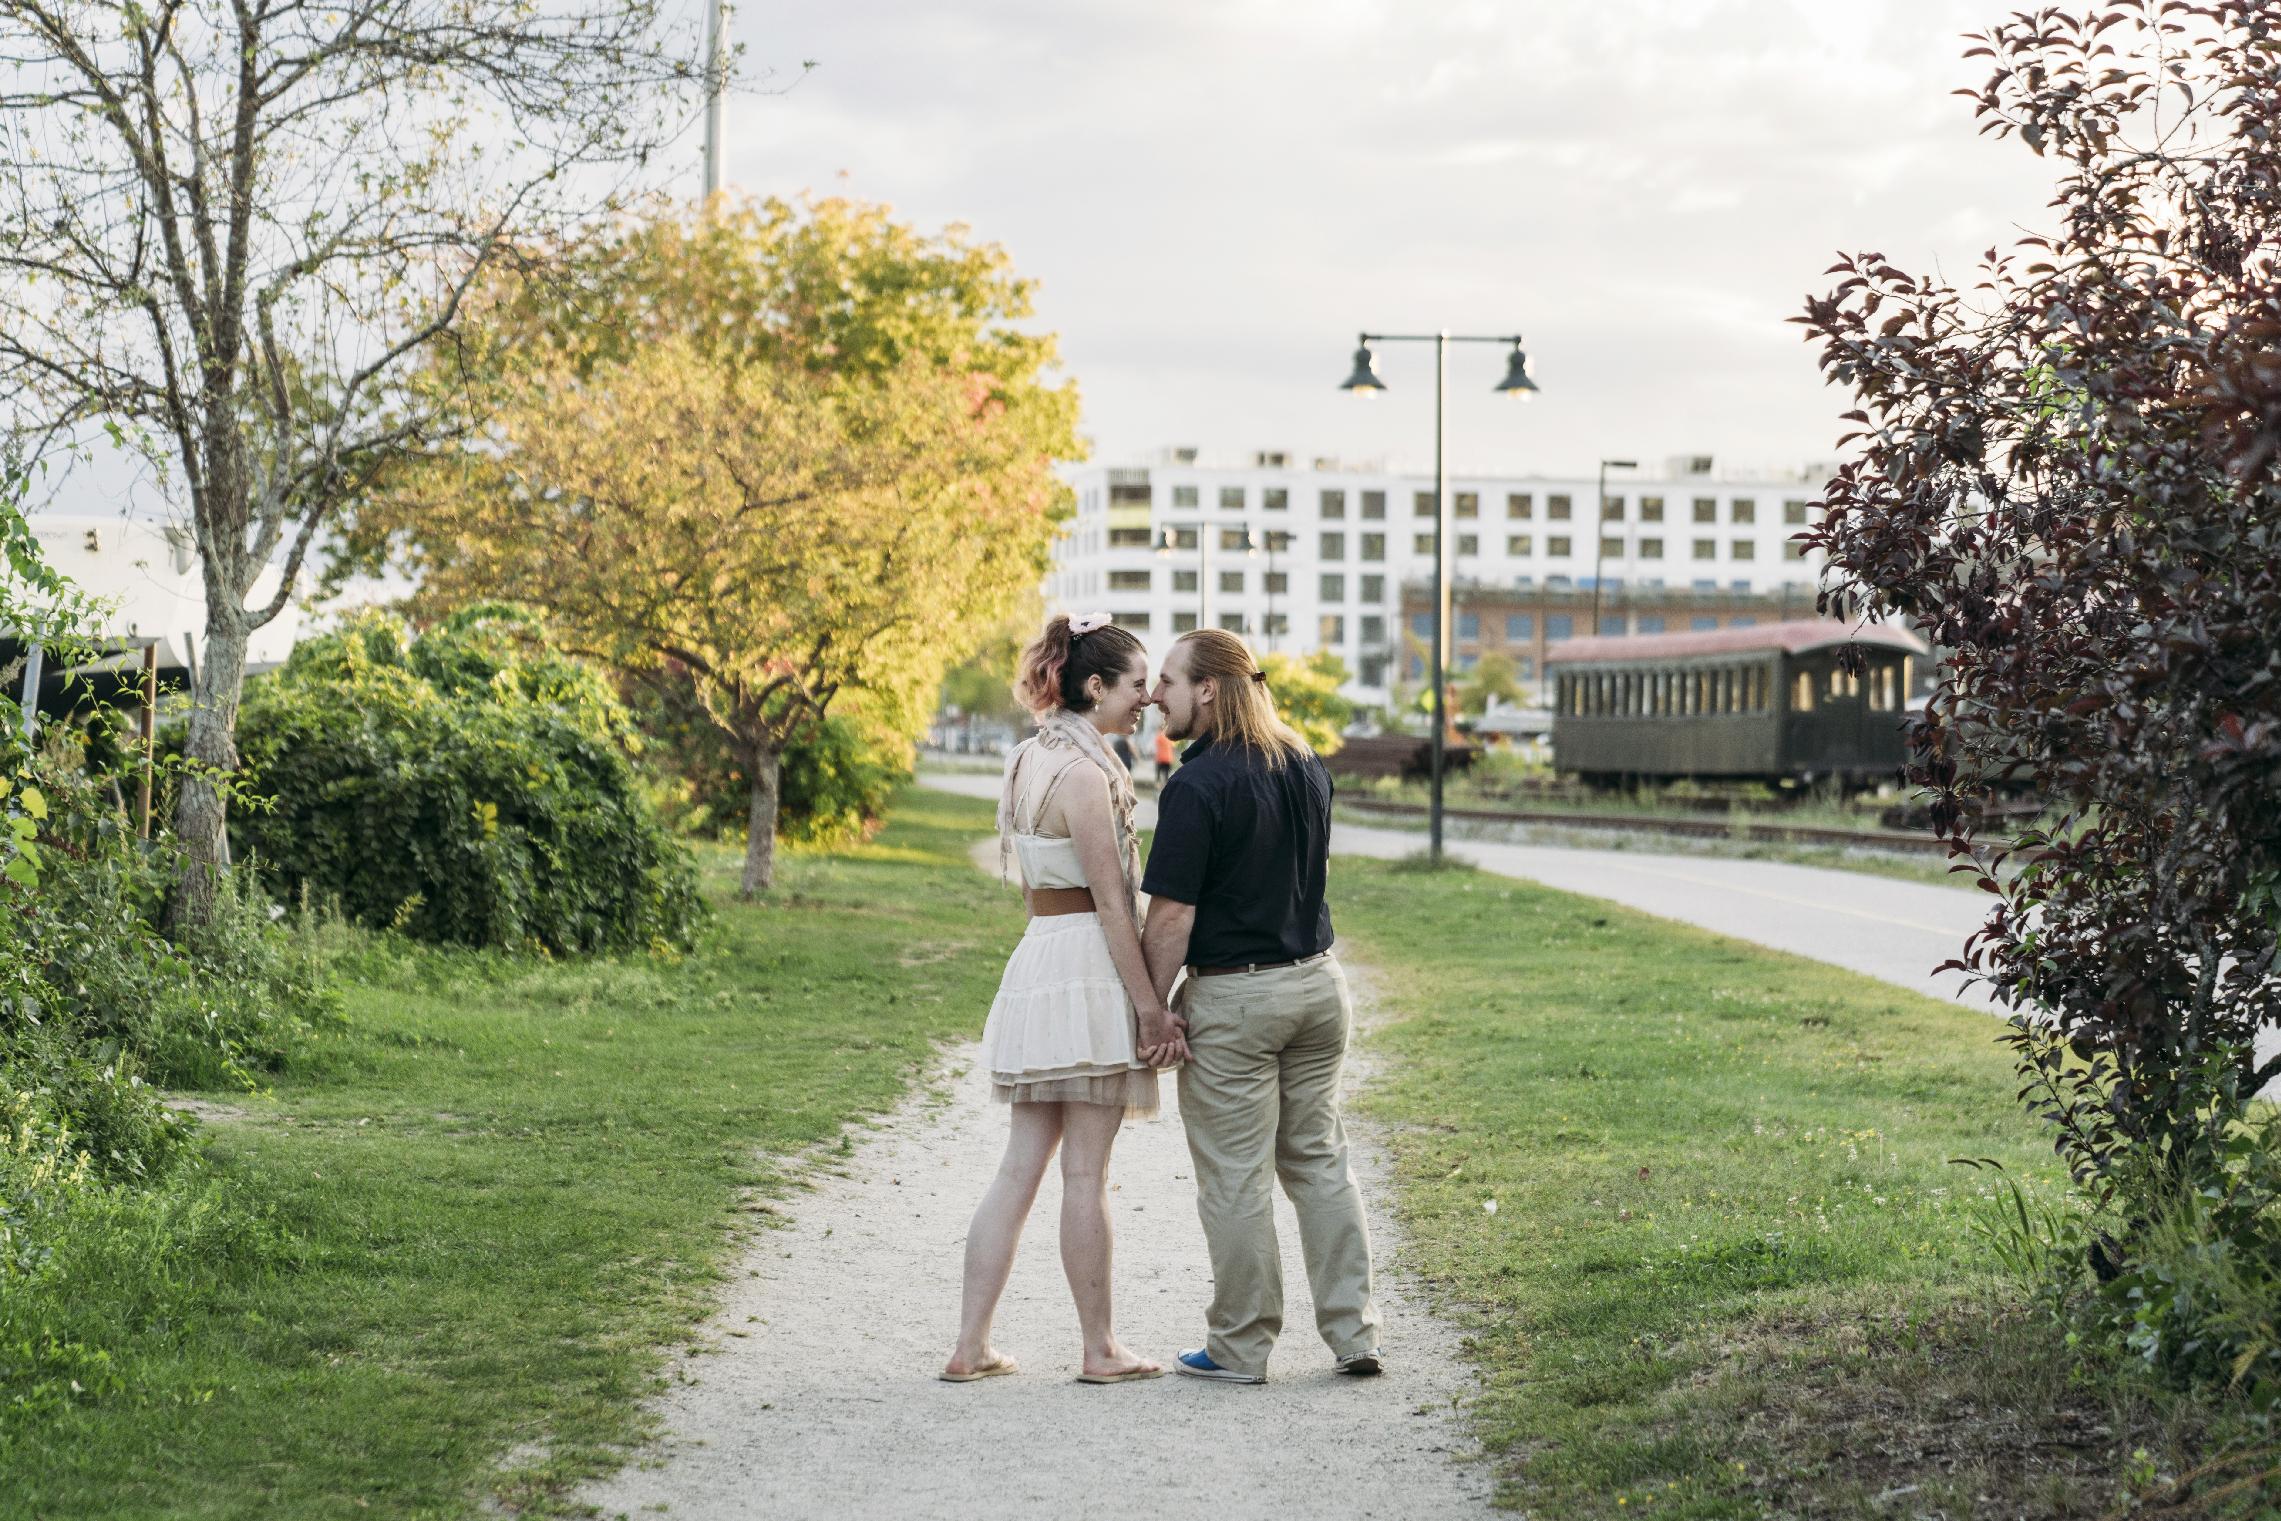 Engagement_Amanda&Thaddeus_JPEGs (4 of 33).jpg